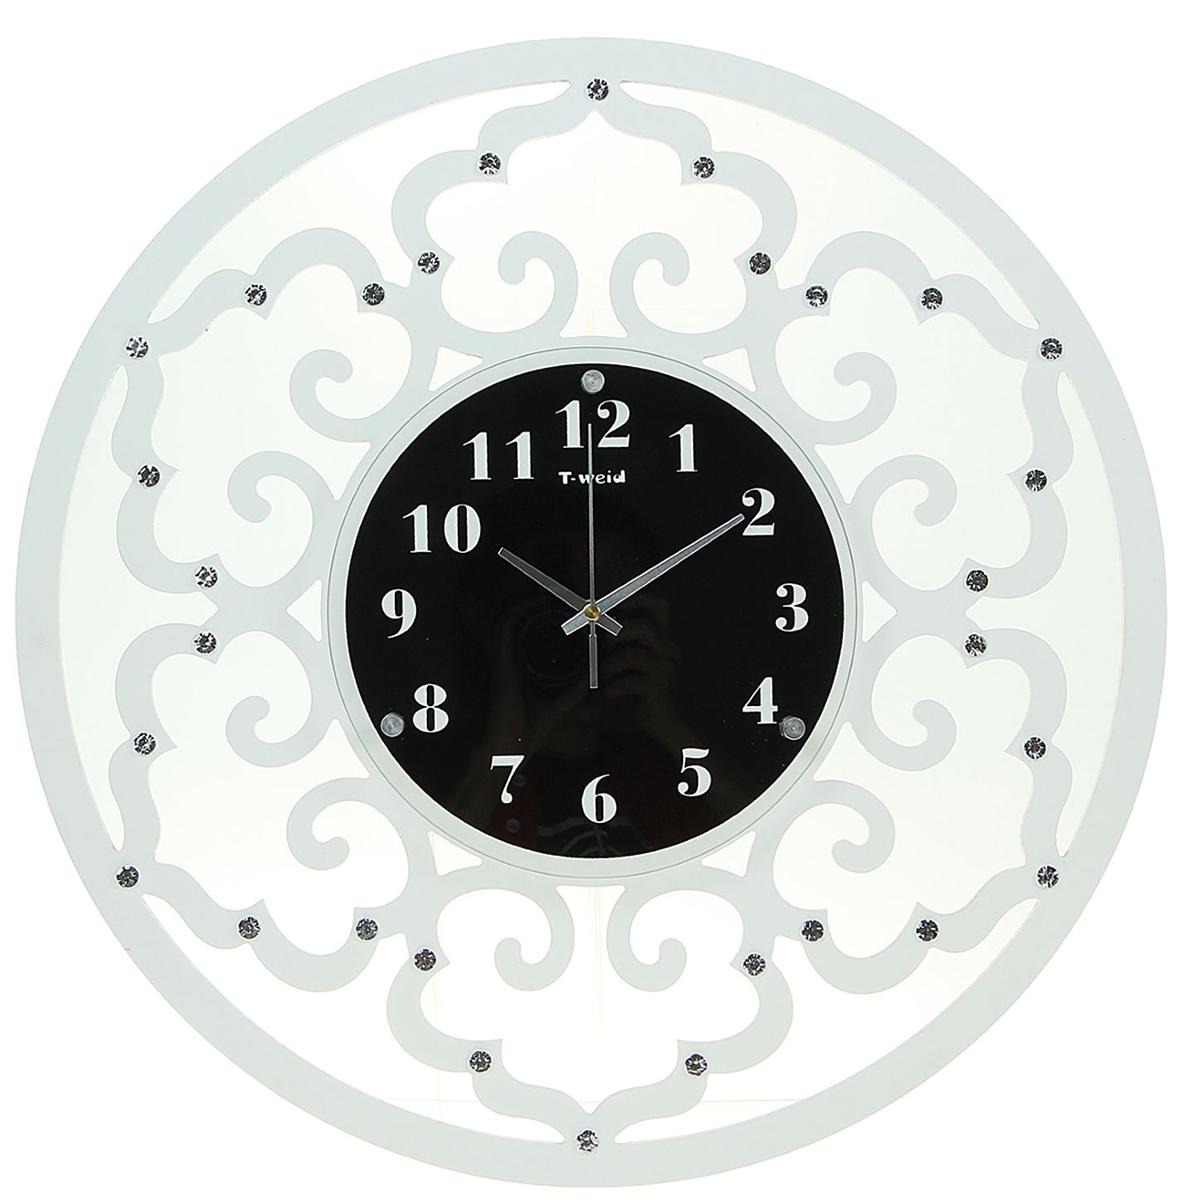 Часы настенные T-Weid Катрин, диаметр 52 см. 19650511965051Каждому хозяину периодически приходит мысль обновить свою квартиру, сделать ремонт, перестановку или кардинально поменять внешний вид каждой комнаты. — привлекательная деталь, которая поможет воплотить вашу интерьерную идею, создать неповторимую атмосферу в вашем доме. Окружите себя приятными мелочами, пусть они радуют глаз и дарят гармонию.Часы настенные серия Катрин, круг орнамент арками со стразами, белые d=52см 1965051